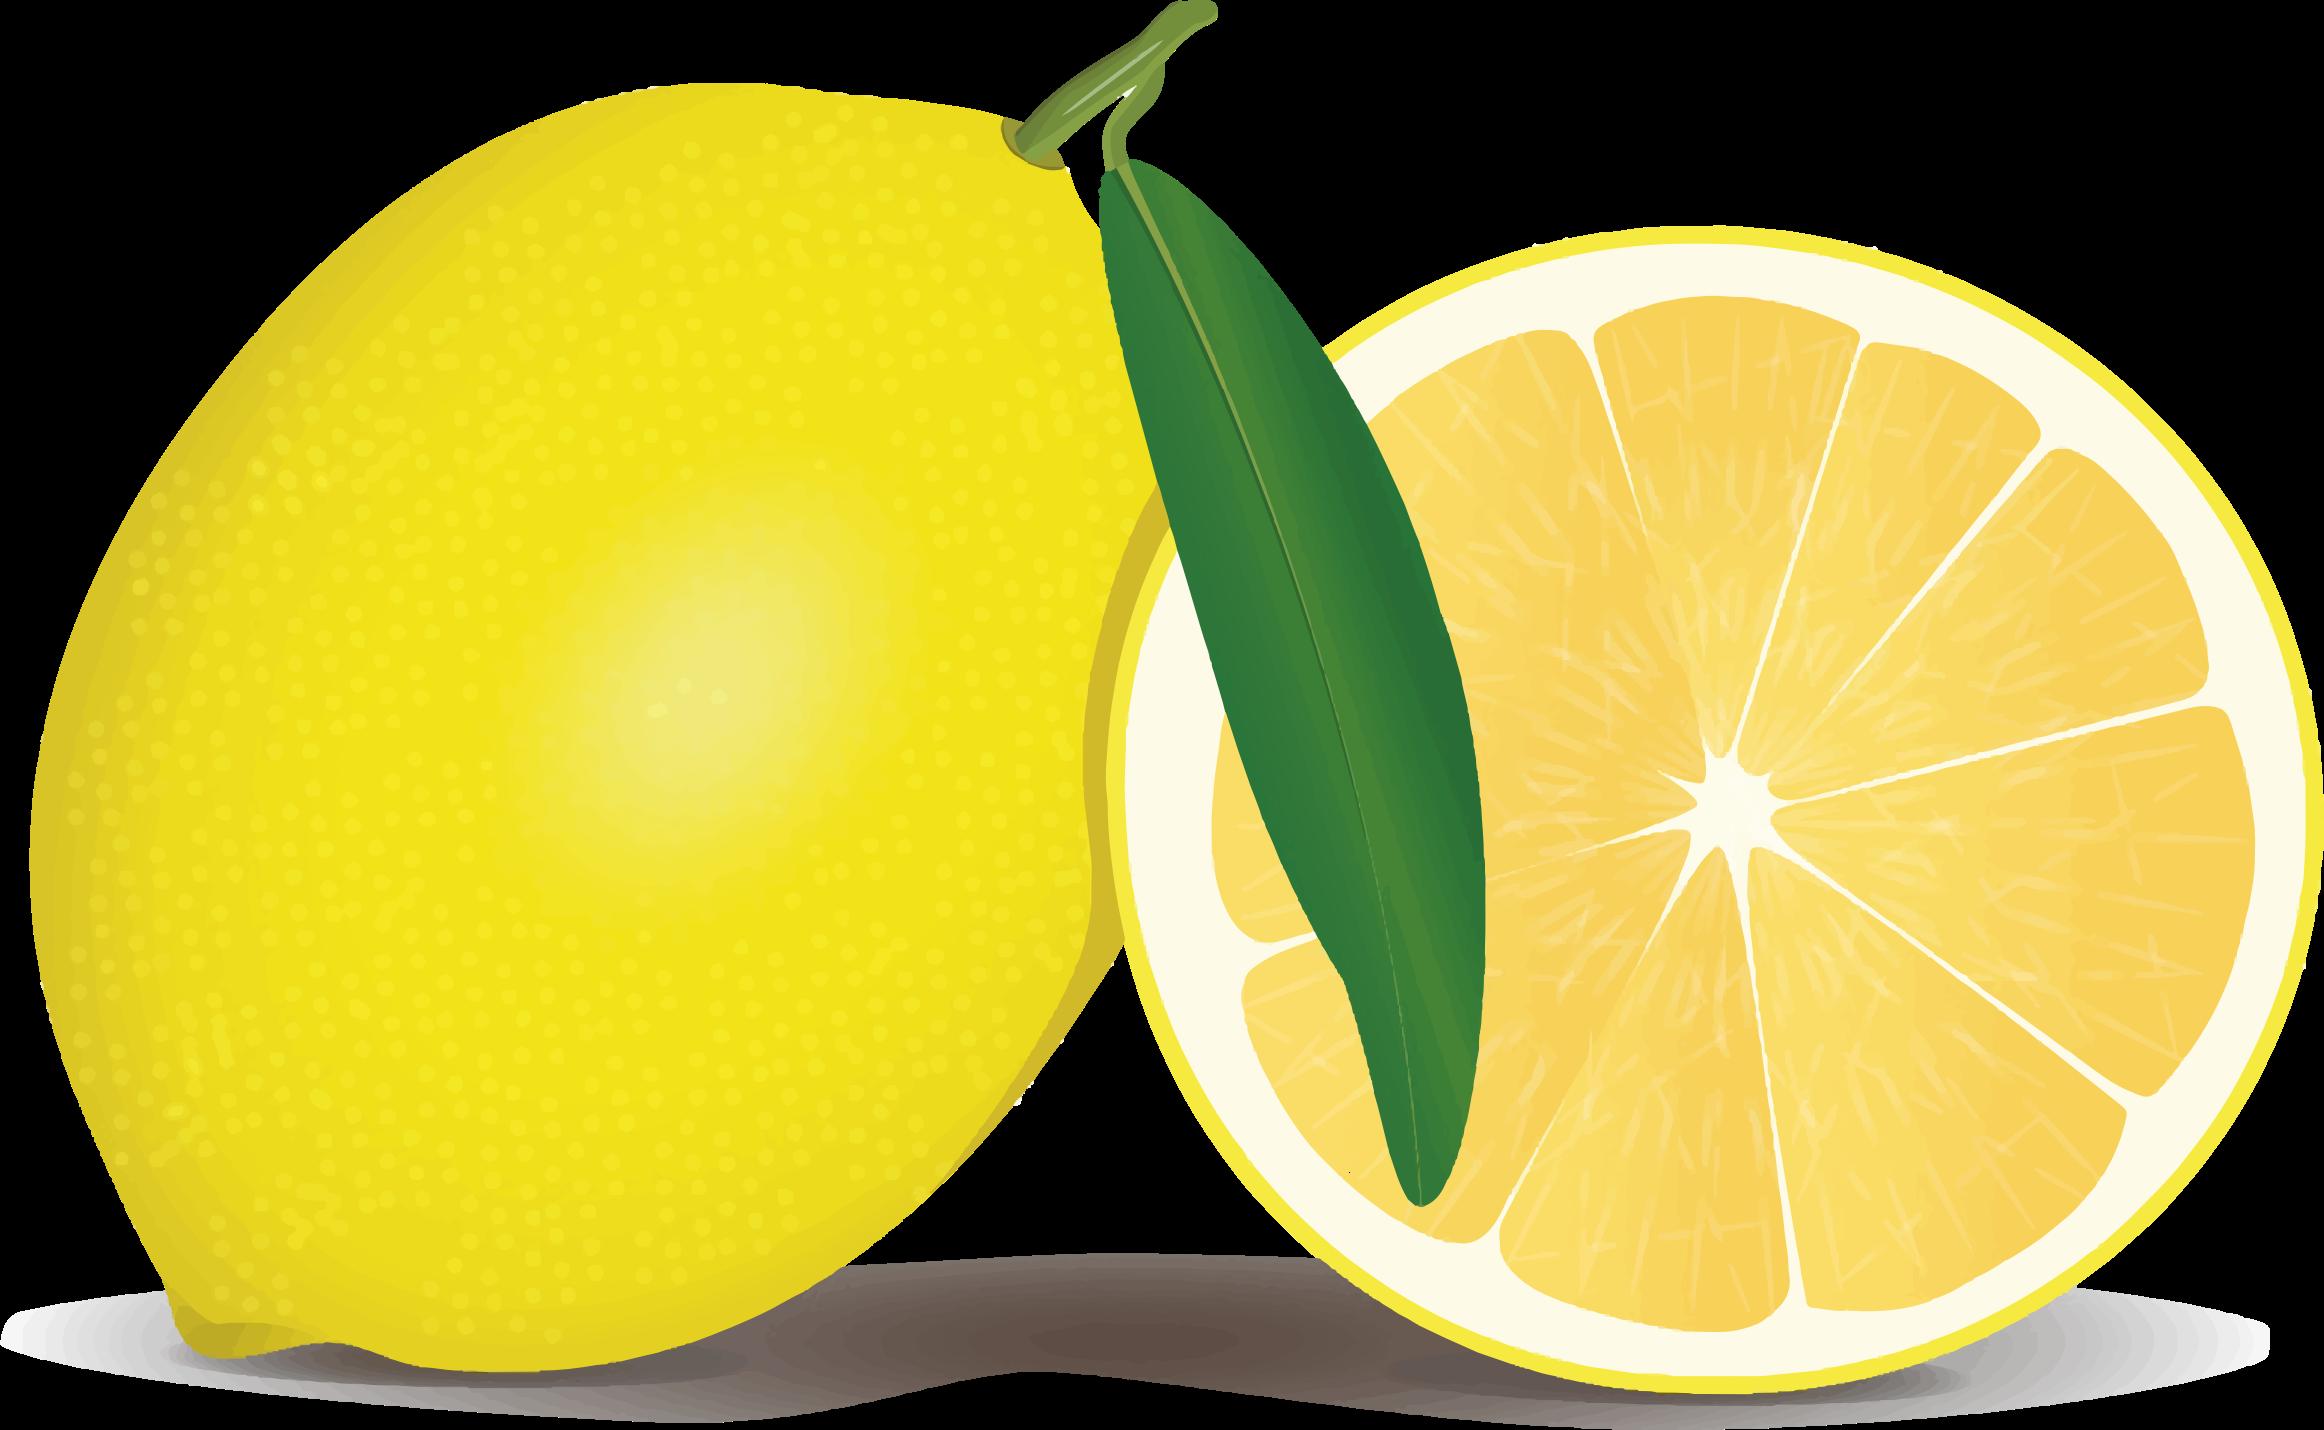 clip art free download Cartoon group lemon png. Lemons clipart transparent background.